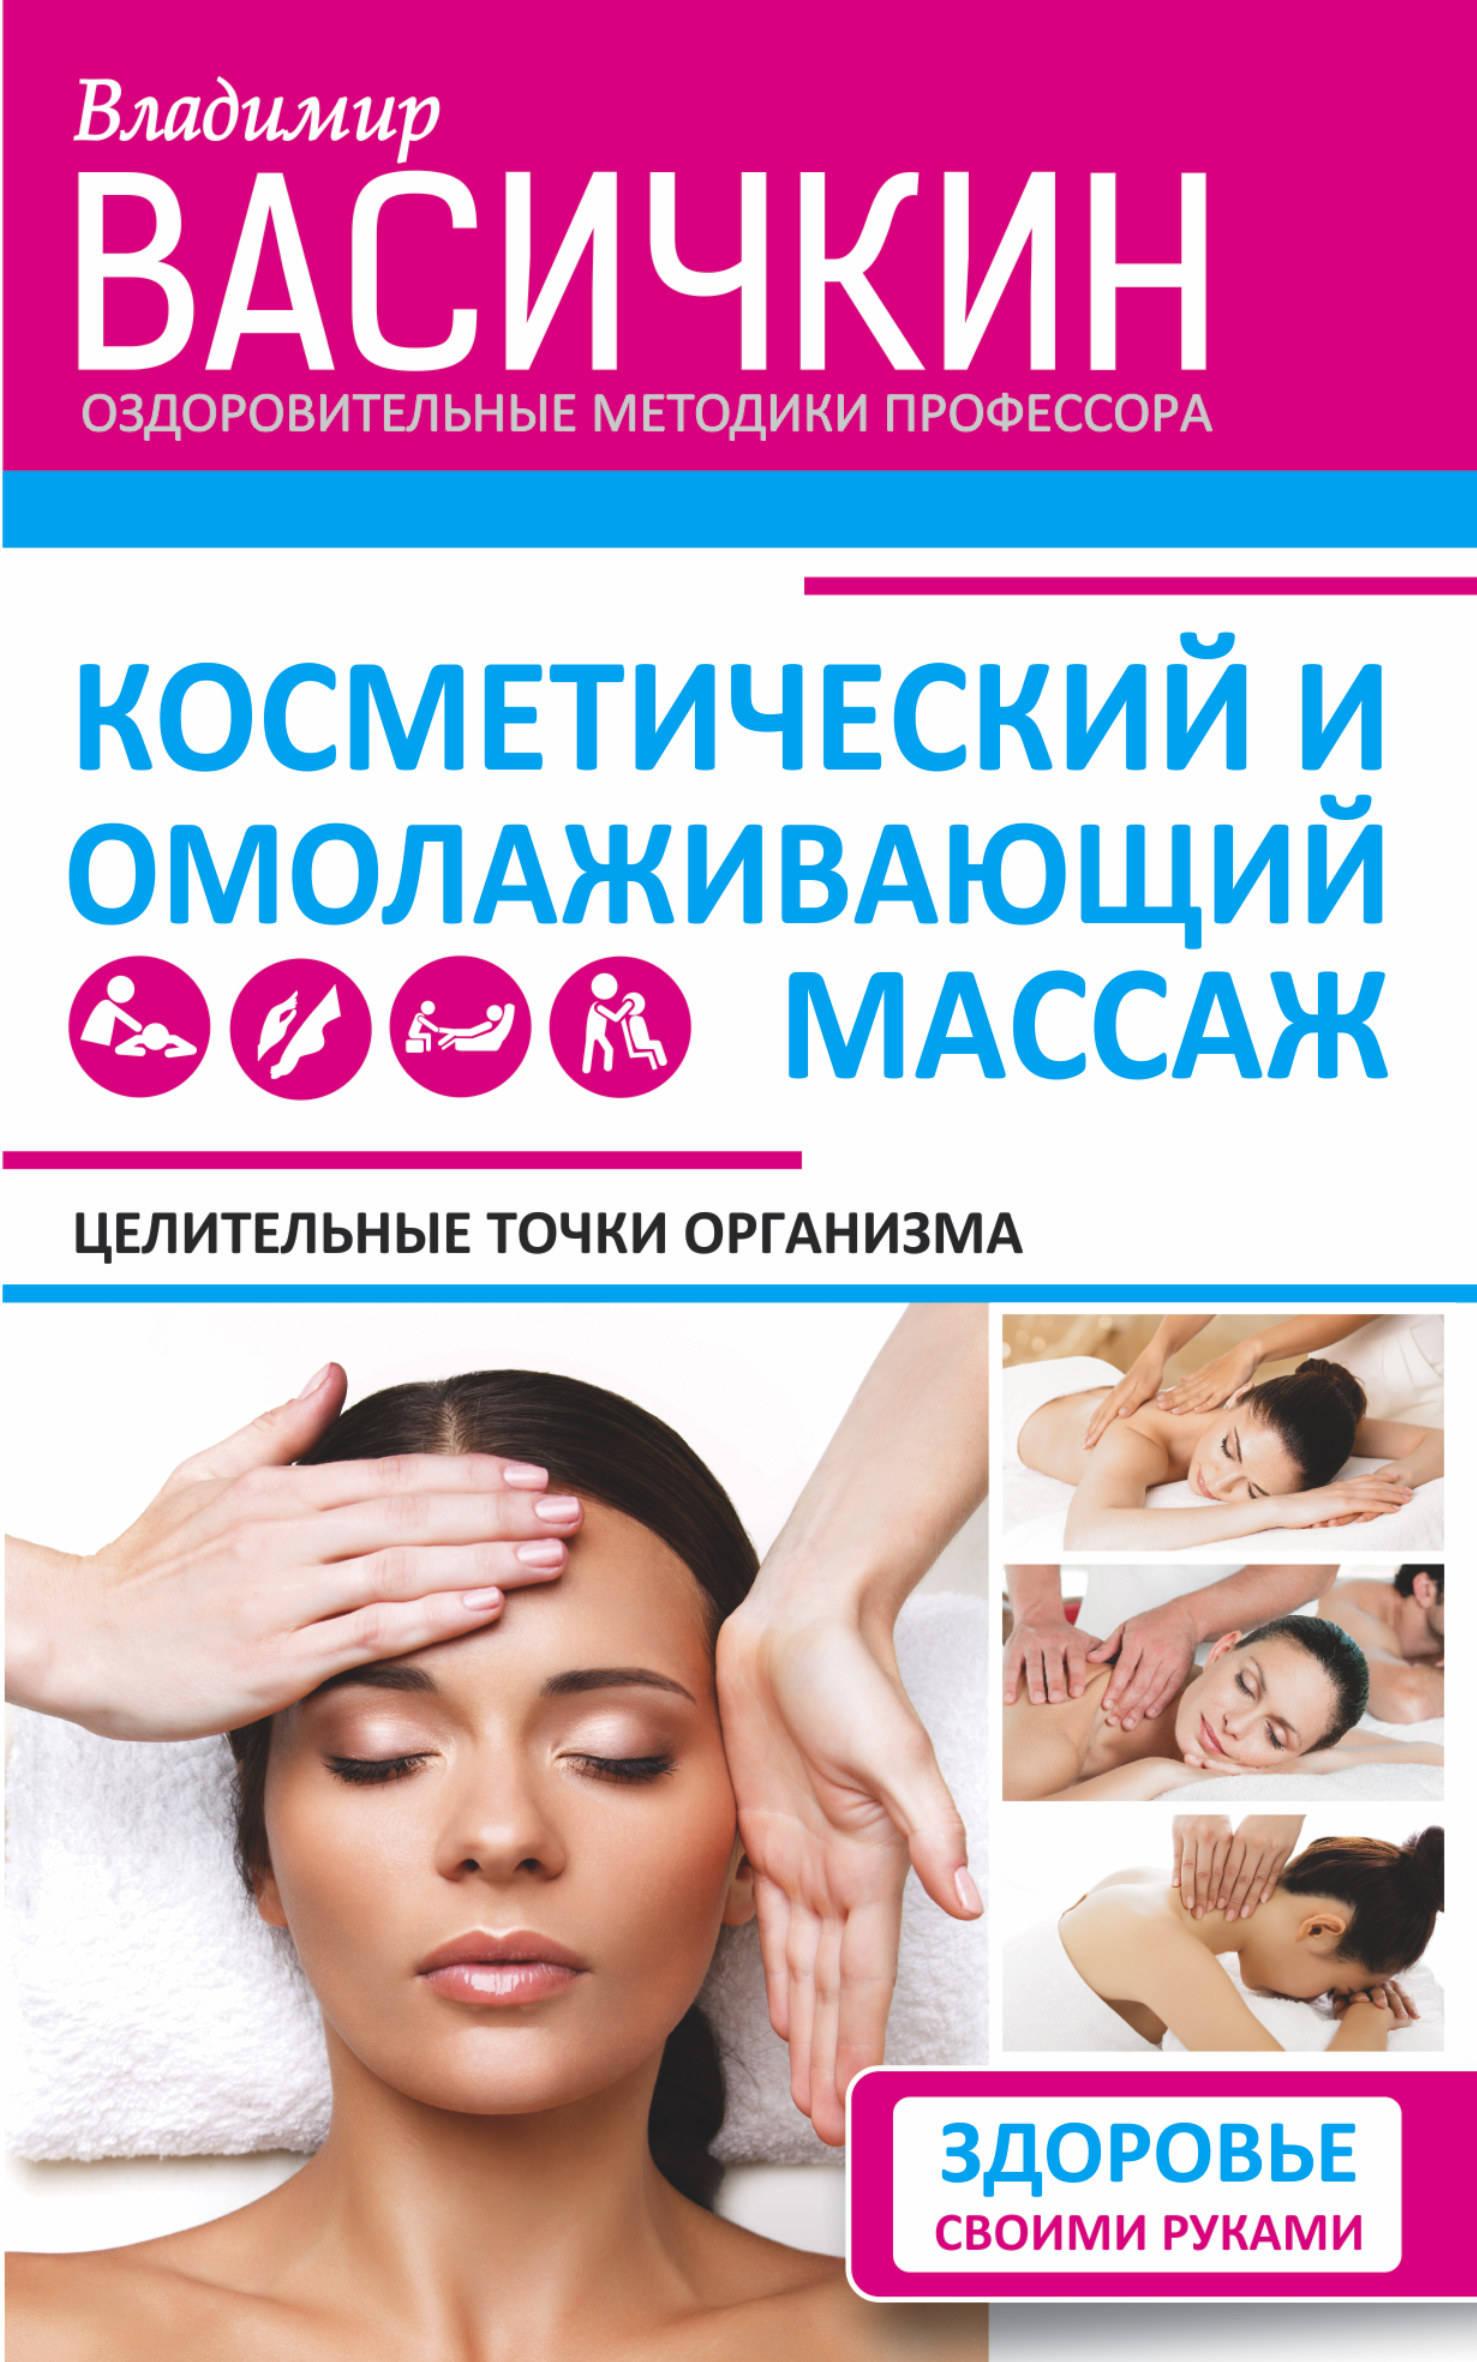 Целительные точки организма. Косметический и омолаживающий массаж ( Васичкин В.И.  )